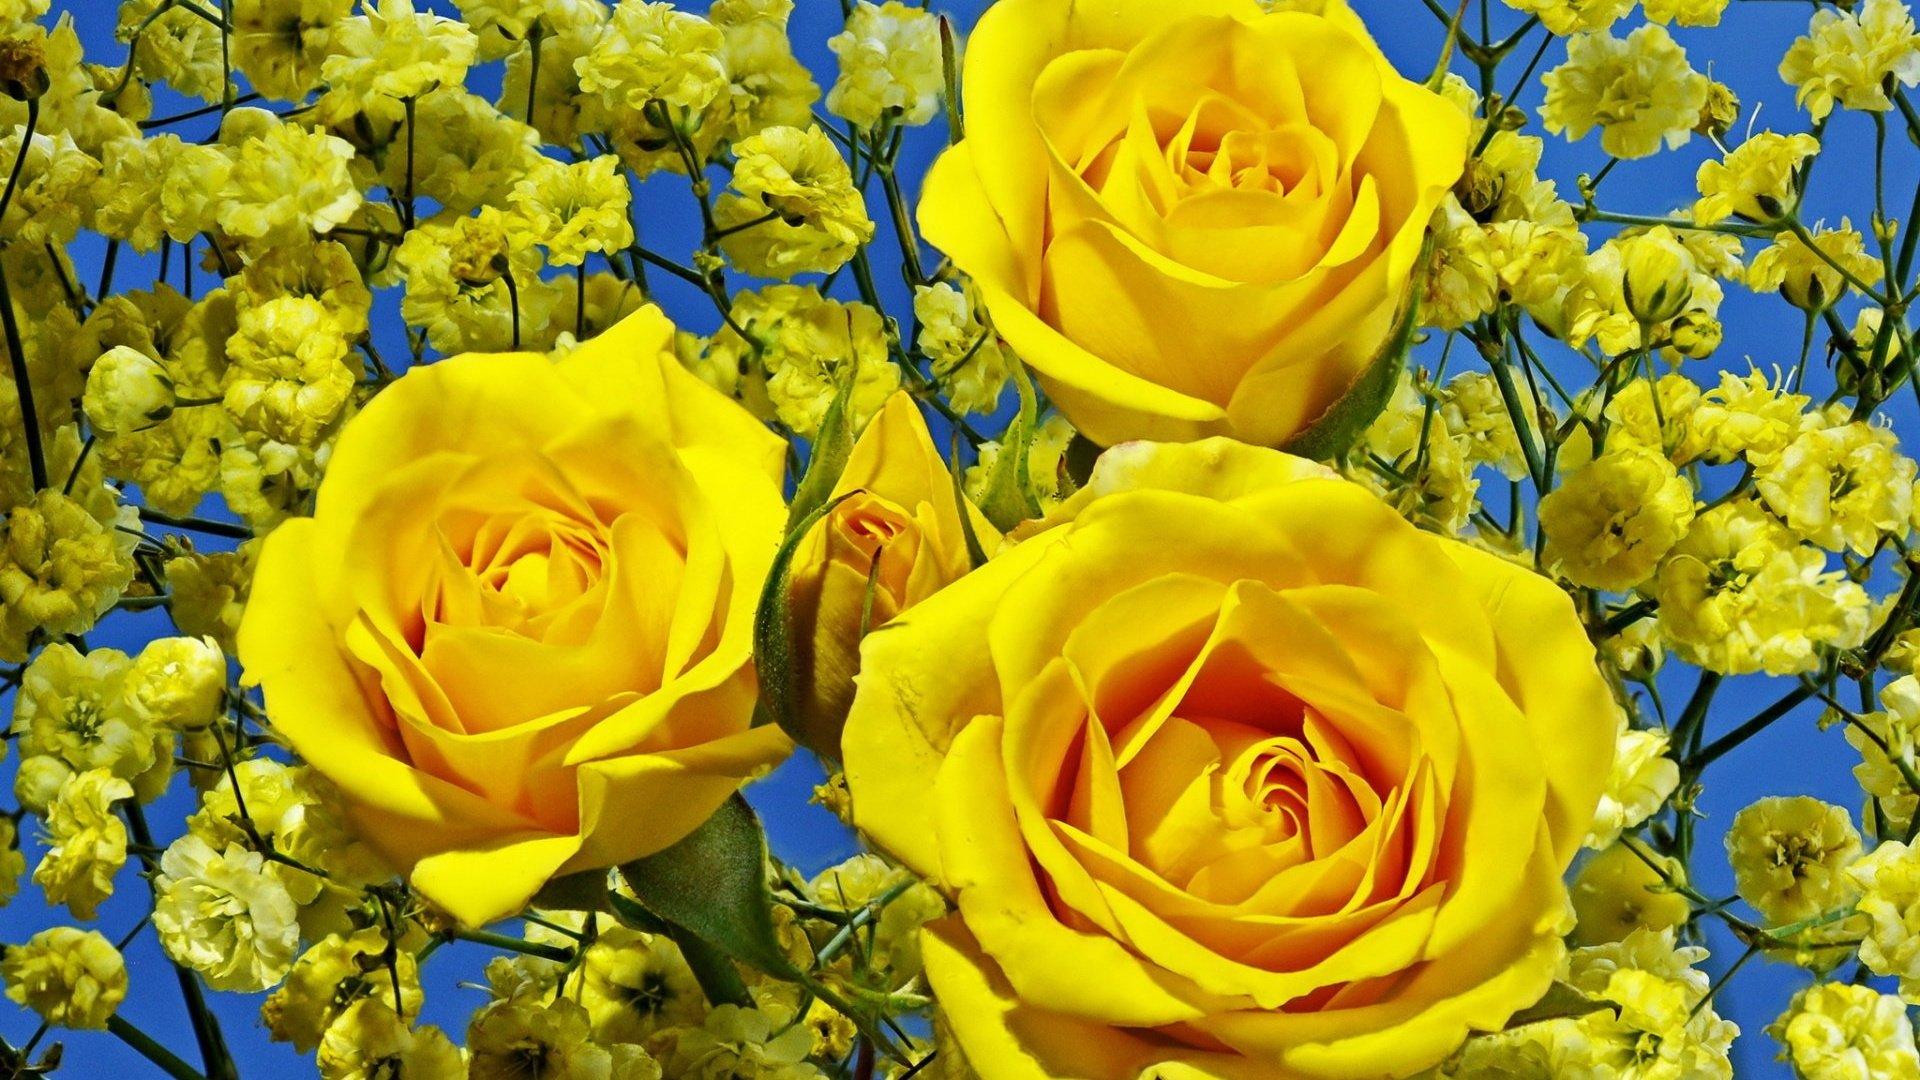 розы,желтые,букет,гипсофила,бутоны  № 761799 загрузить